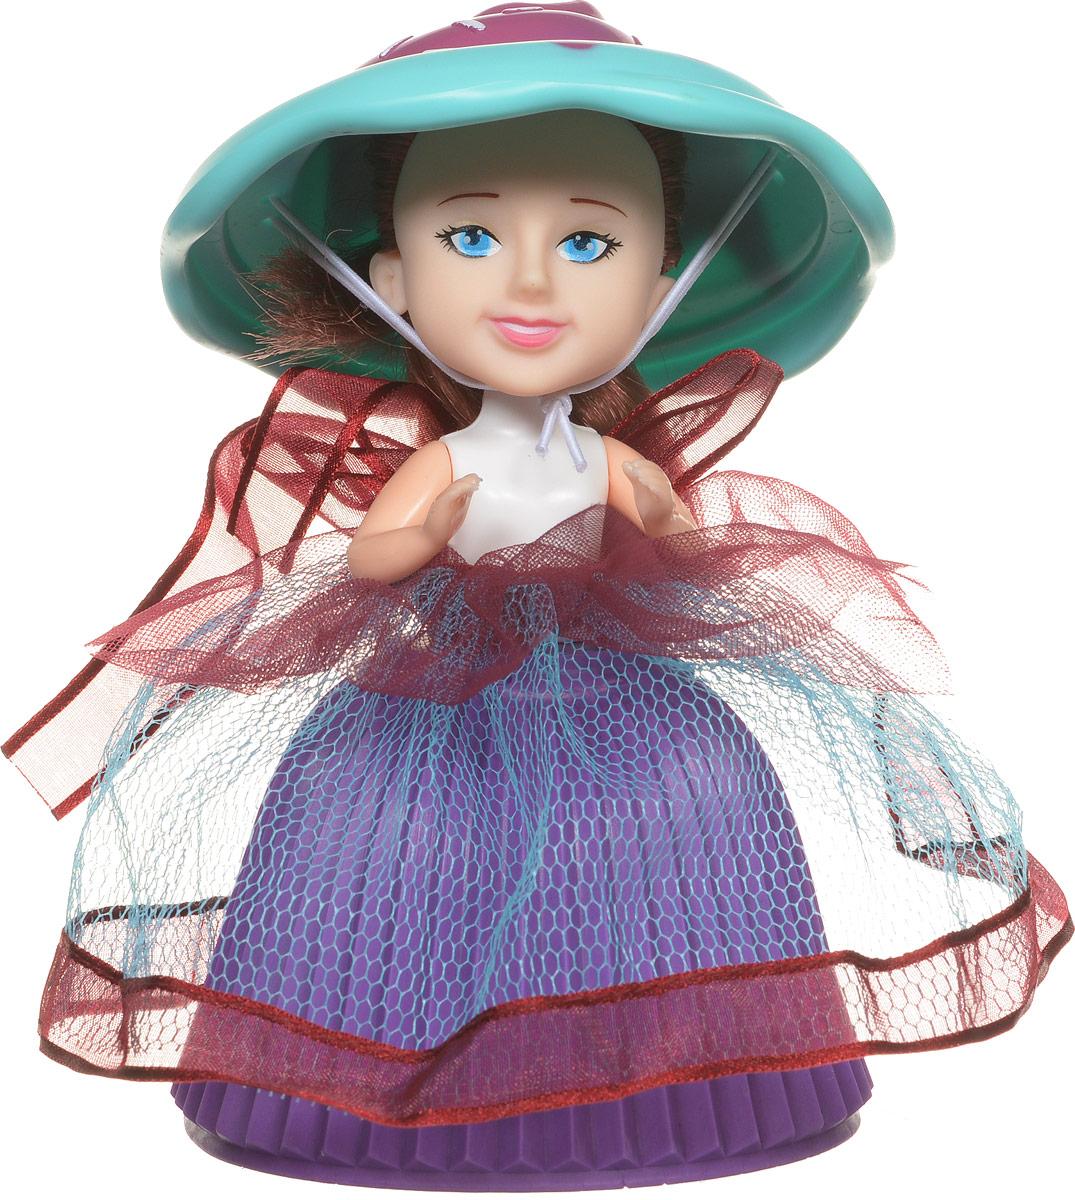 PlayMind Мини-кукла Jamie Mint39185BМини-кукла PlayMind Jamie Mint - это уникальная кукла-капкейк, которая непременно понравится вашей малышке. При помощи несложной трансформации яркий аппетитный кекс превращается в чудесную куколку, а верхушка кекса становится для нее элегантной шляпкой. Голова и ручки куклы подвижны. Длинные мягкие волосы куклы завязаны в пучок. Малышка с удовольствием будет расчесывать их, придумывая различные прически. Соберите коллекцию уникальных кукол-пирожных!